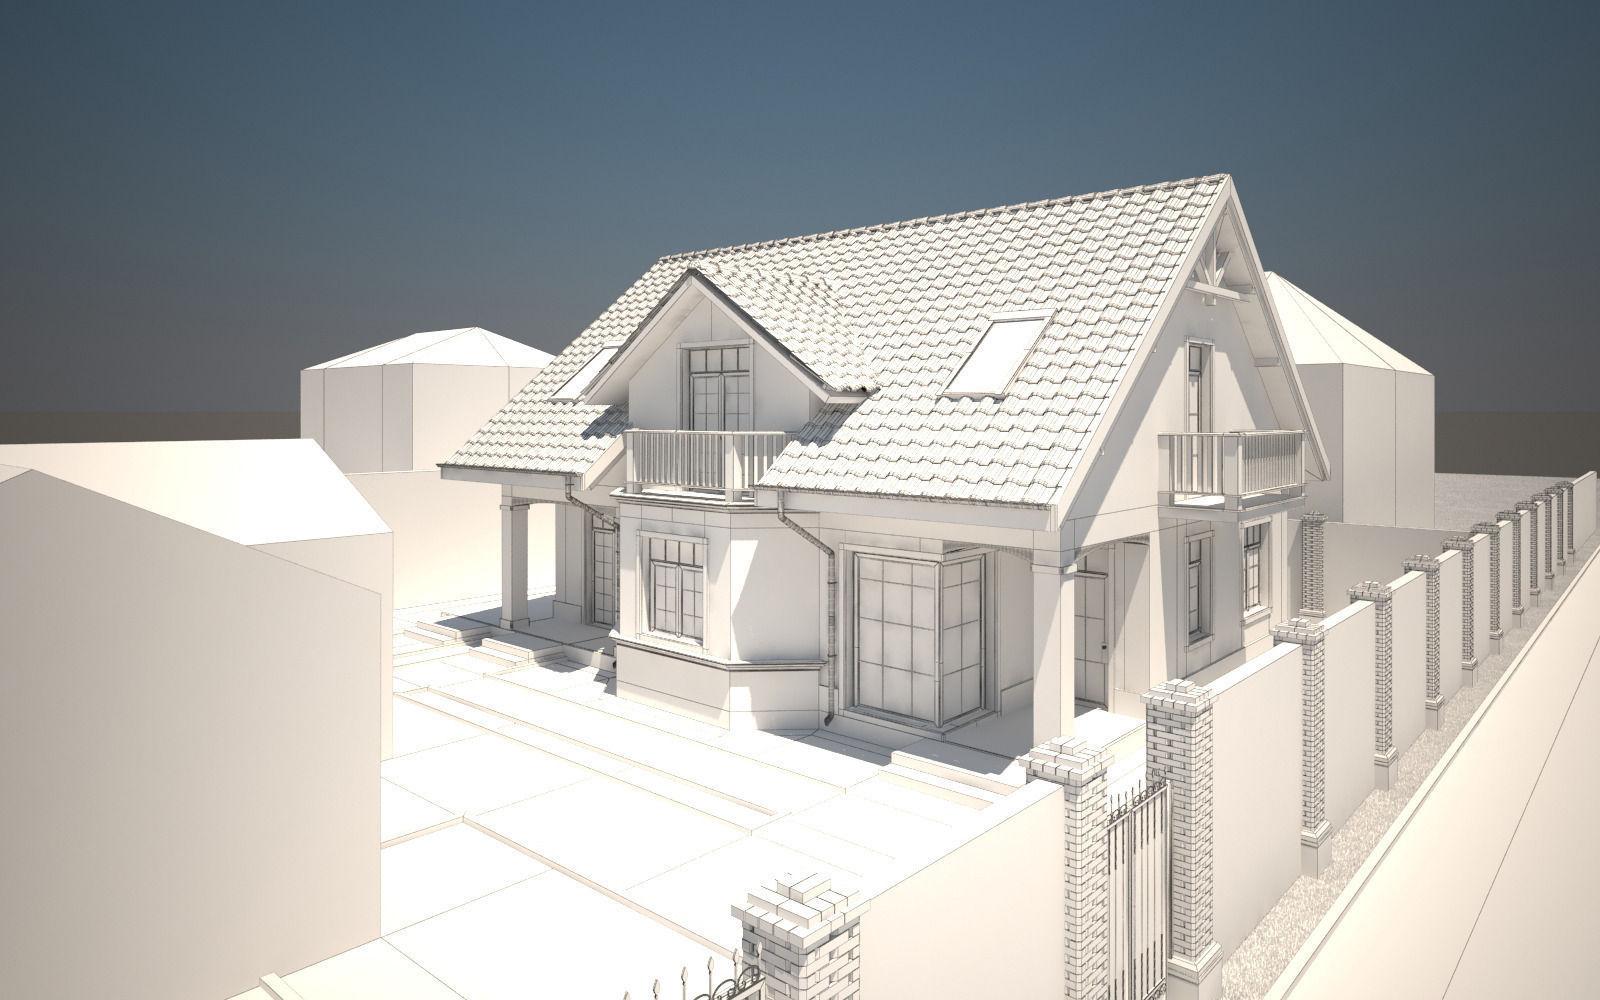 House exterior 3d model max obj tga House 3d model